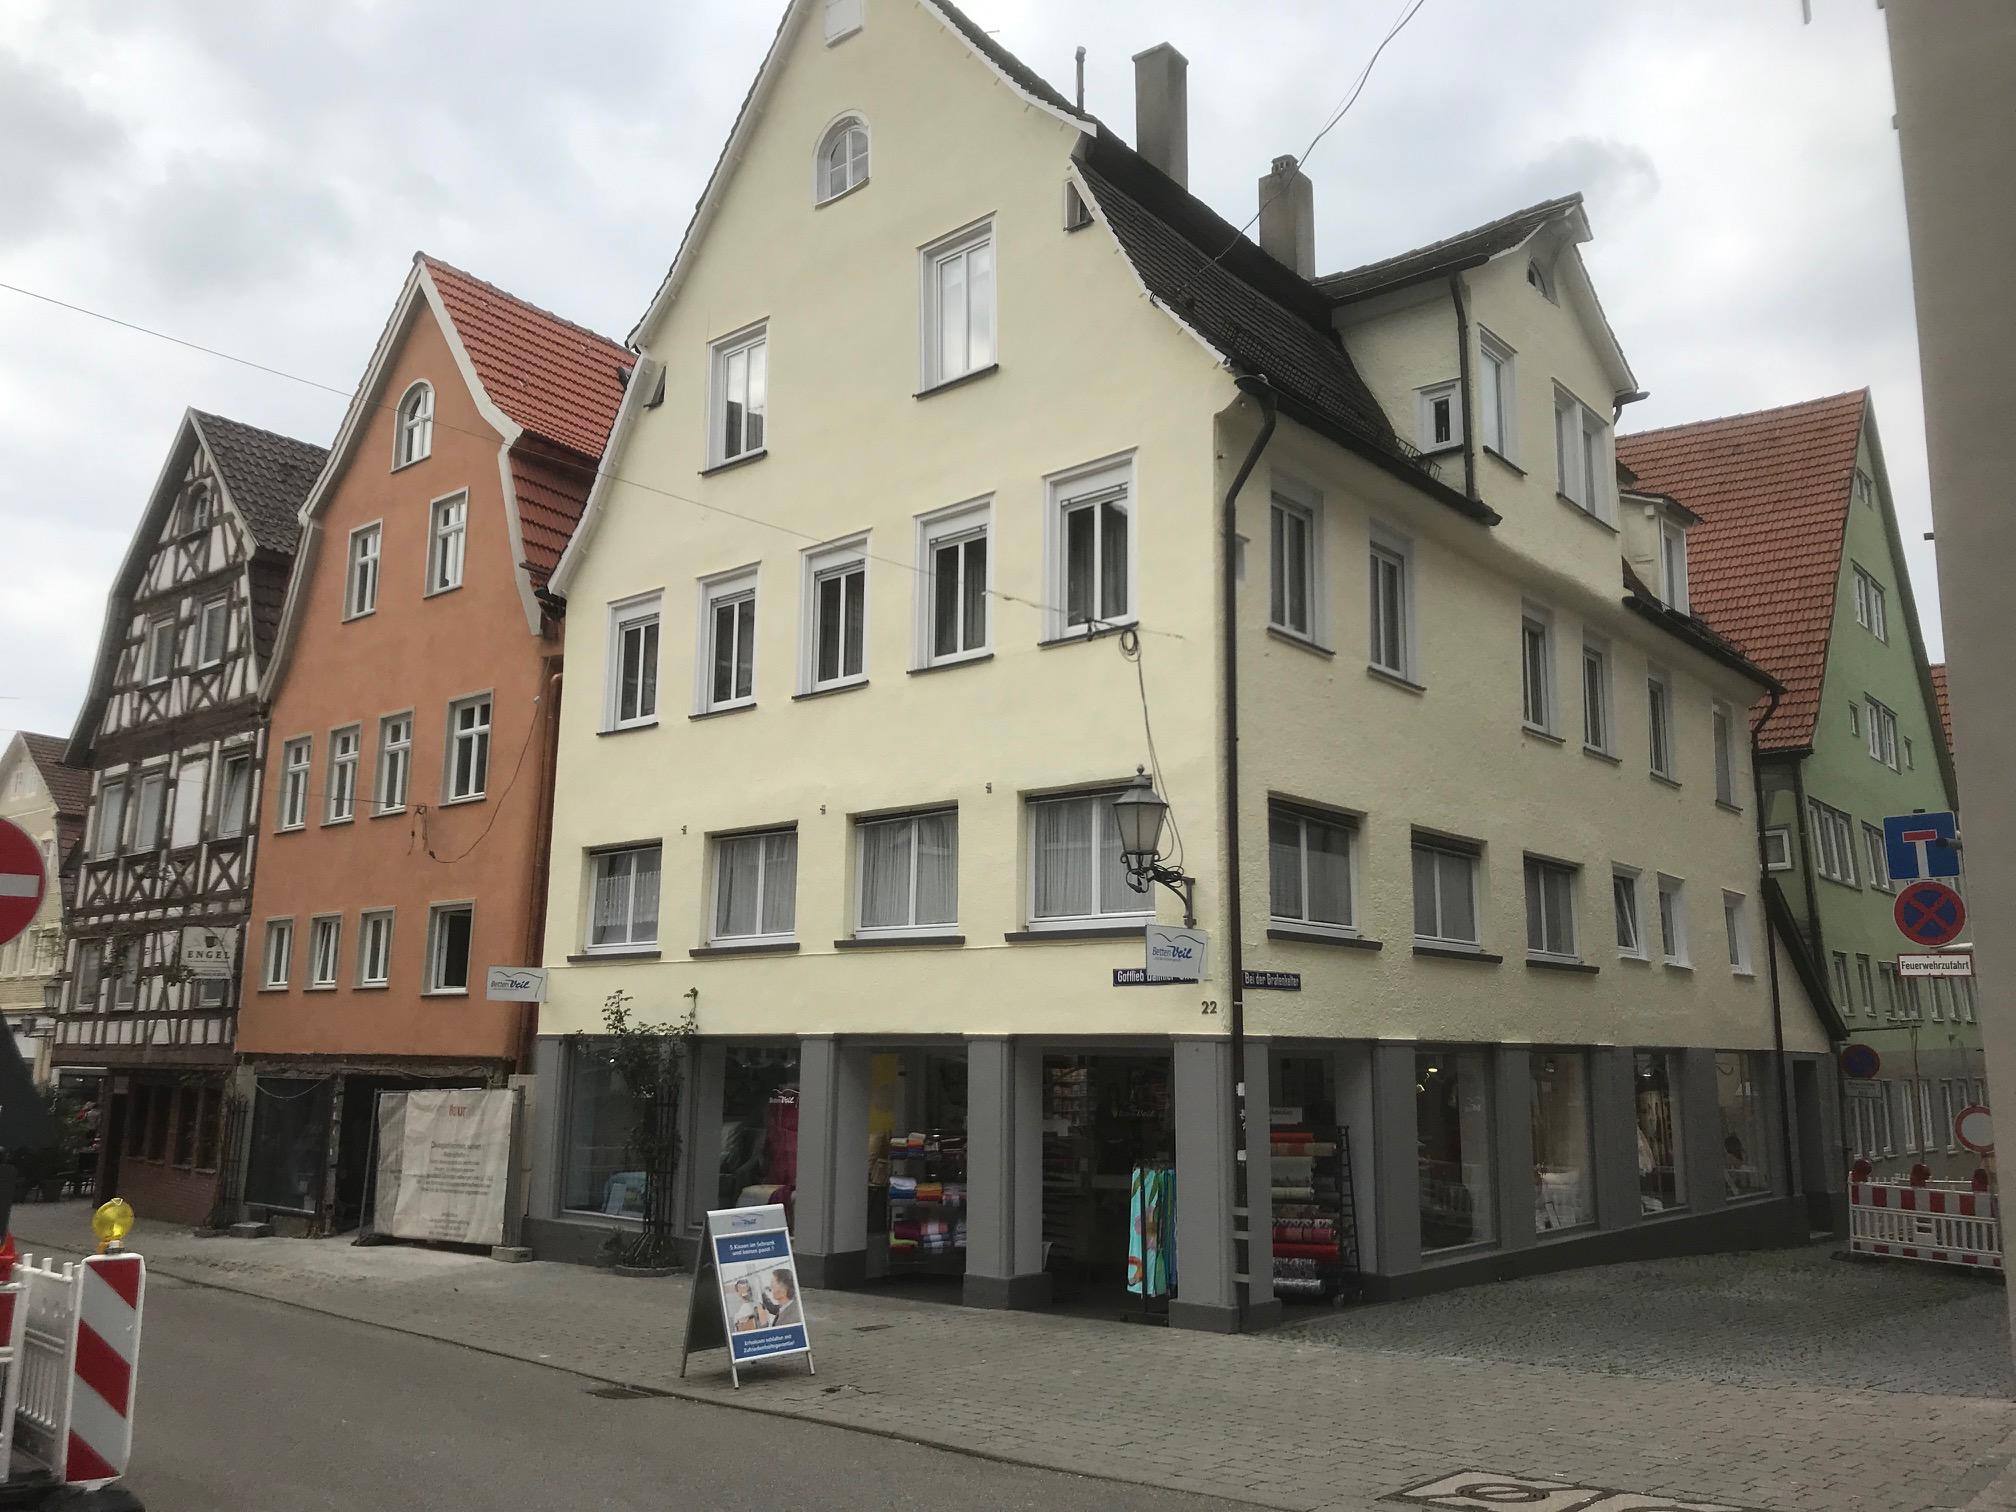 Ladenfront Betten-Veil e. K.